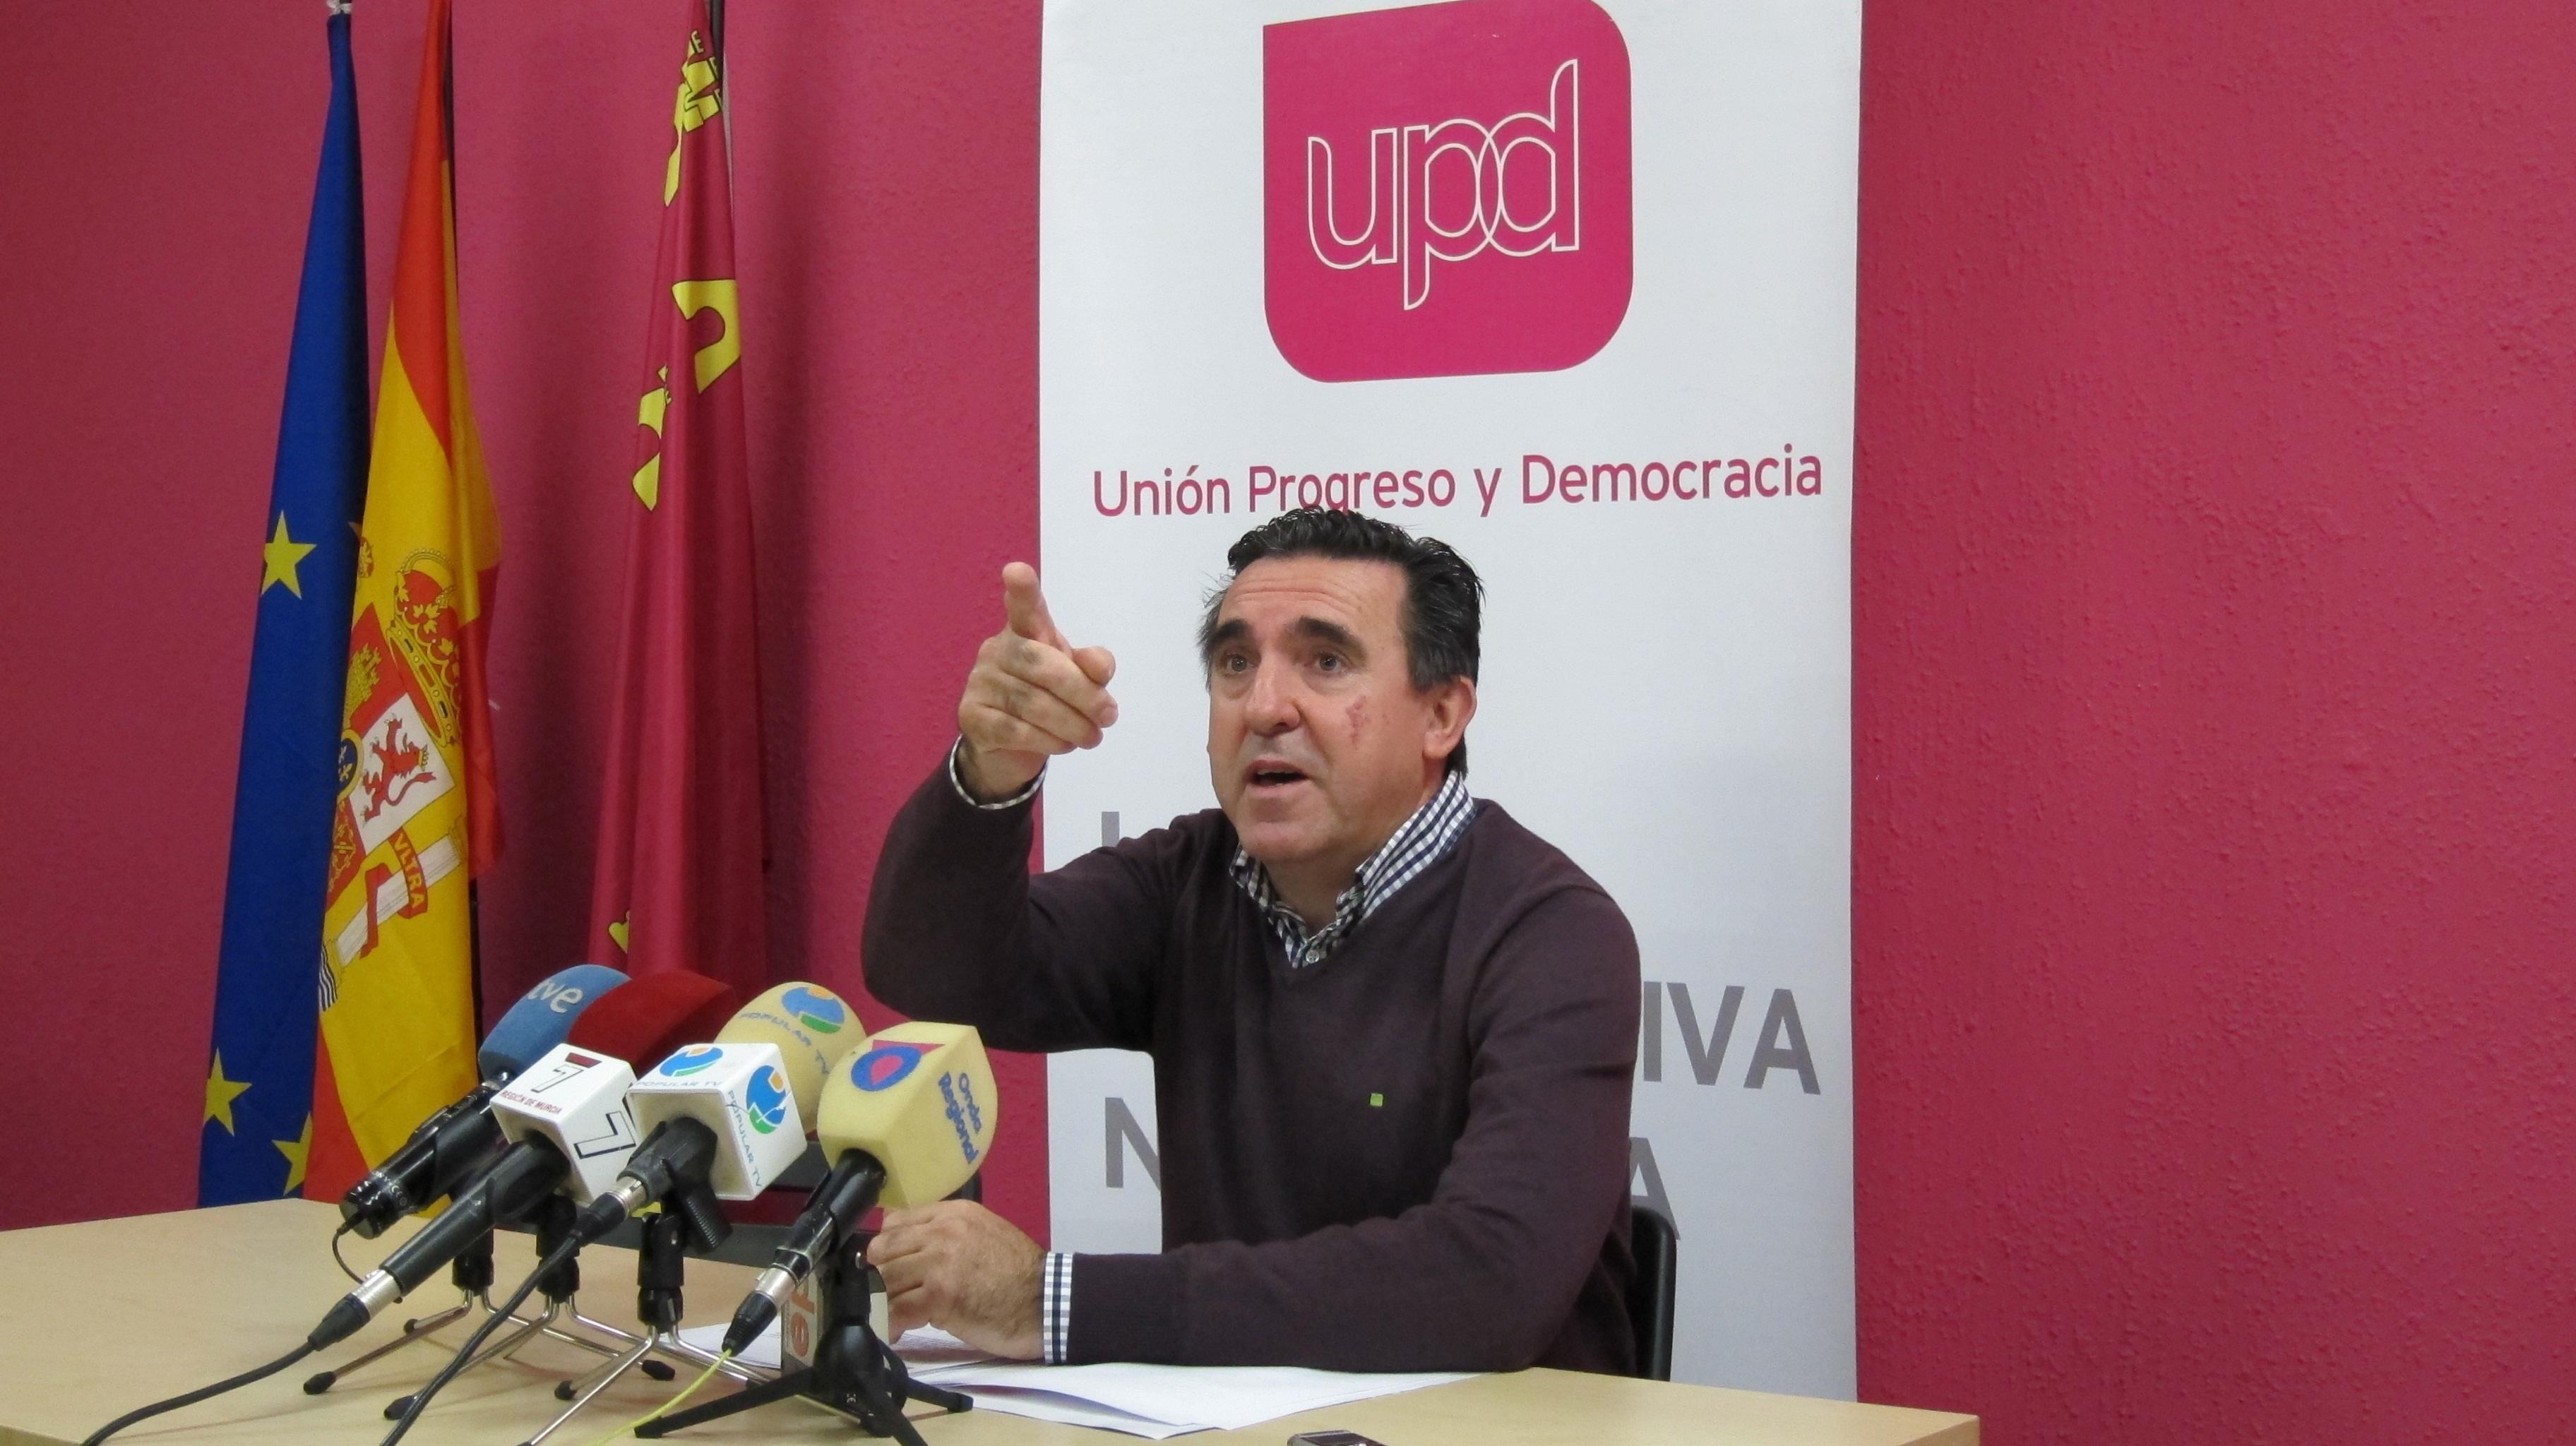 UPyD pide a la fiscalía que recurra absolución del exsecretario del alcalde San Sebastián